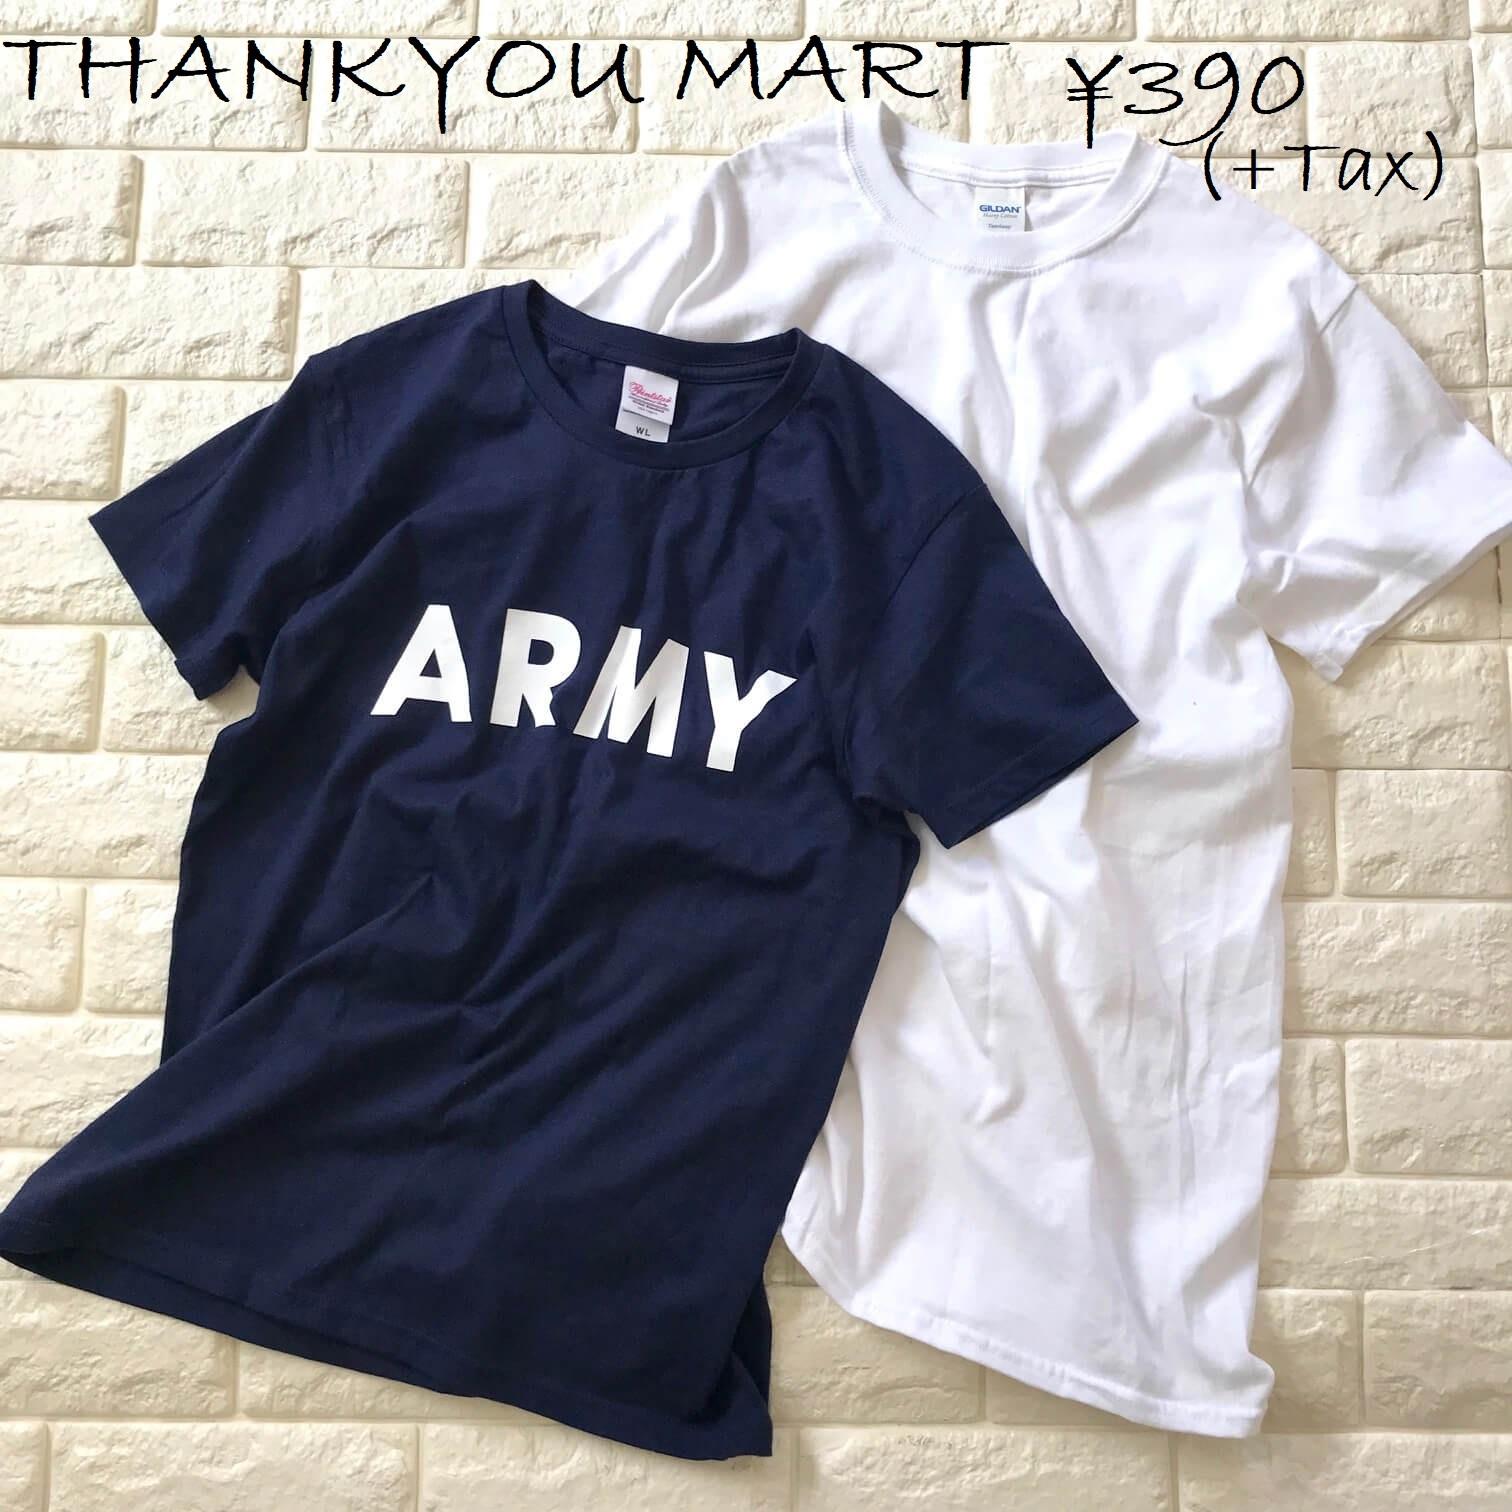 サンキューマートのTシャツ2枚画像